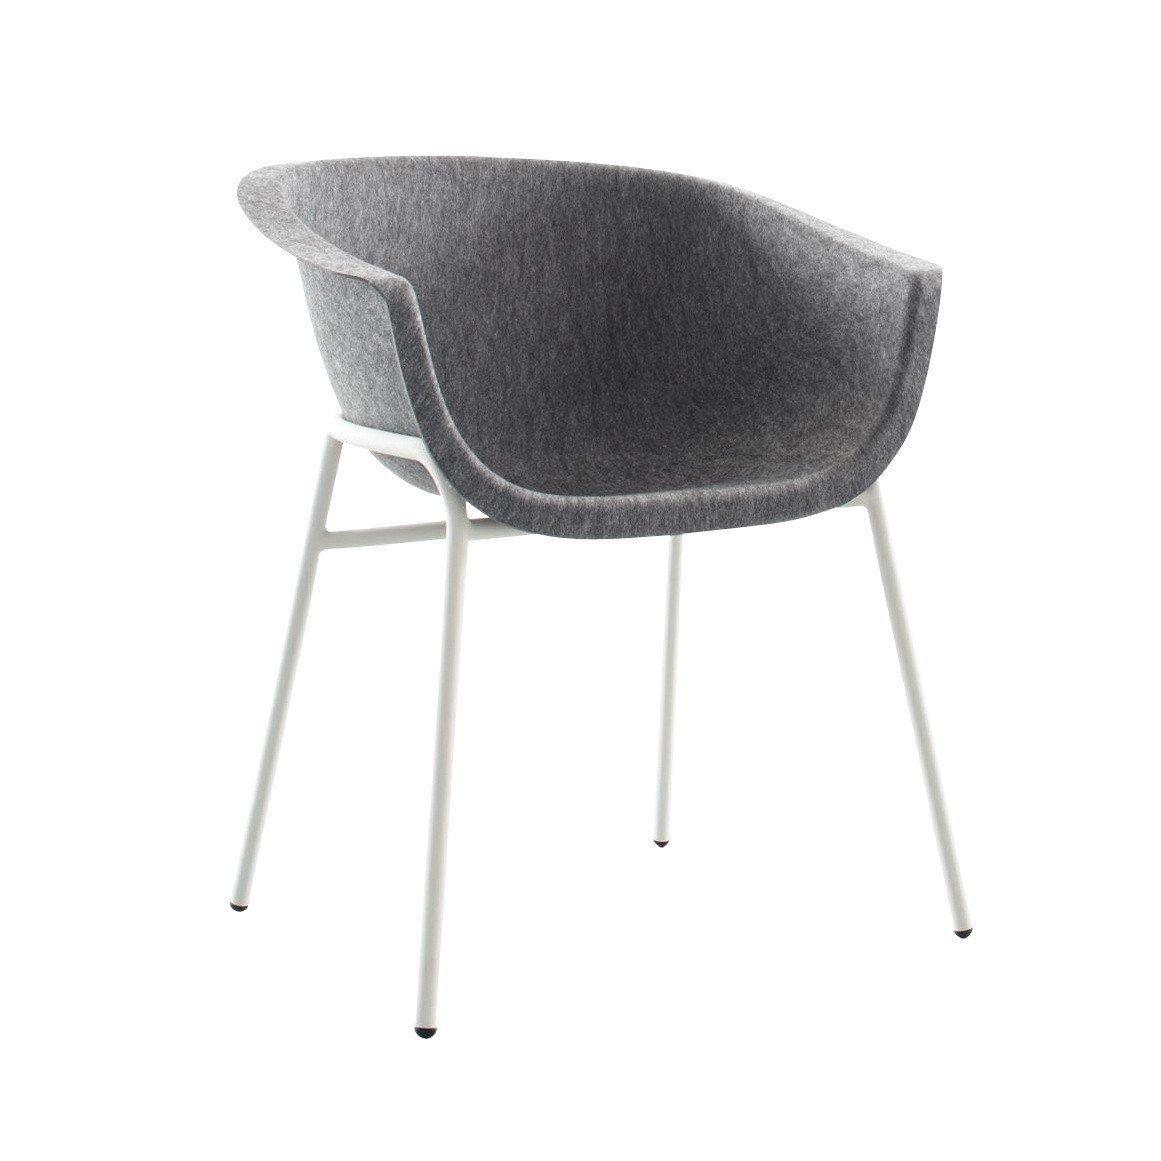 Faszinierend Armlehnstuhl Grau Referenz Von Conmoto - Chairman - Grau/formfleece/gestell Stahlrohr Weiß